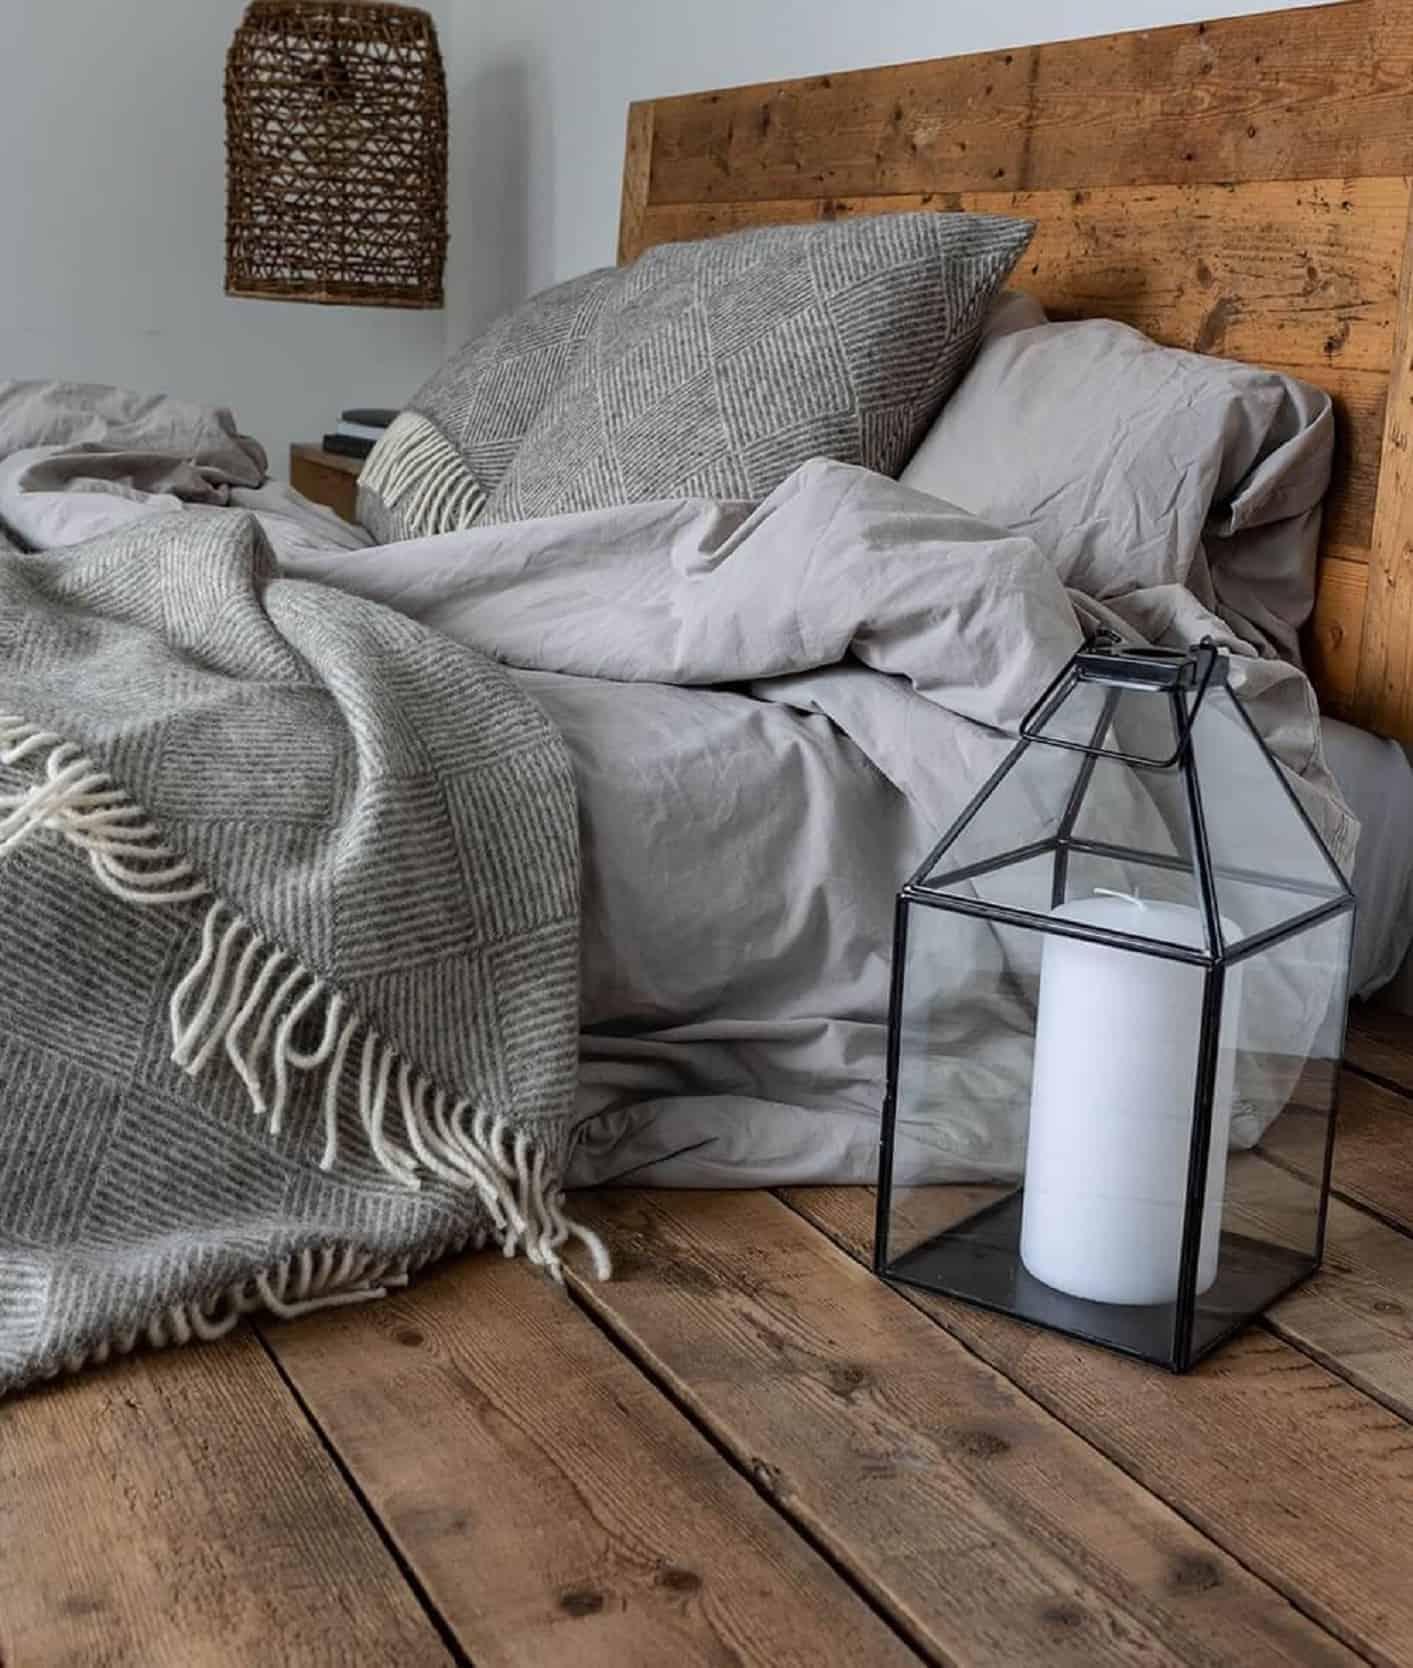 Comfy summer bed